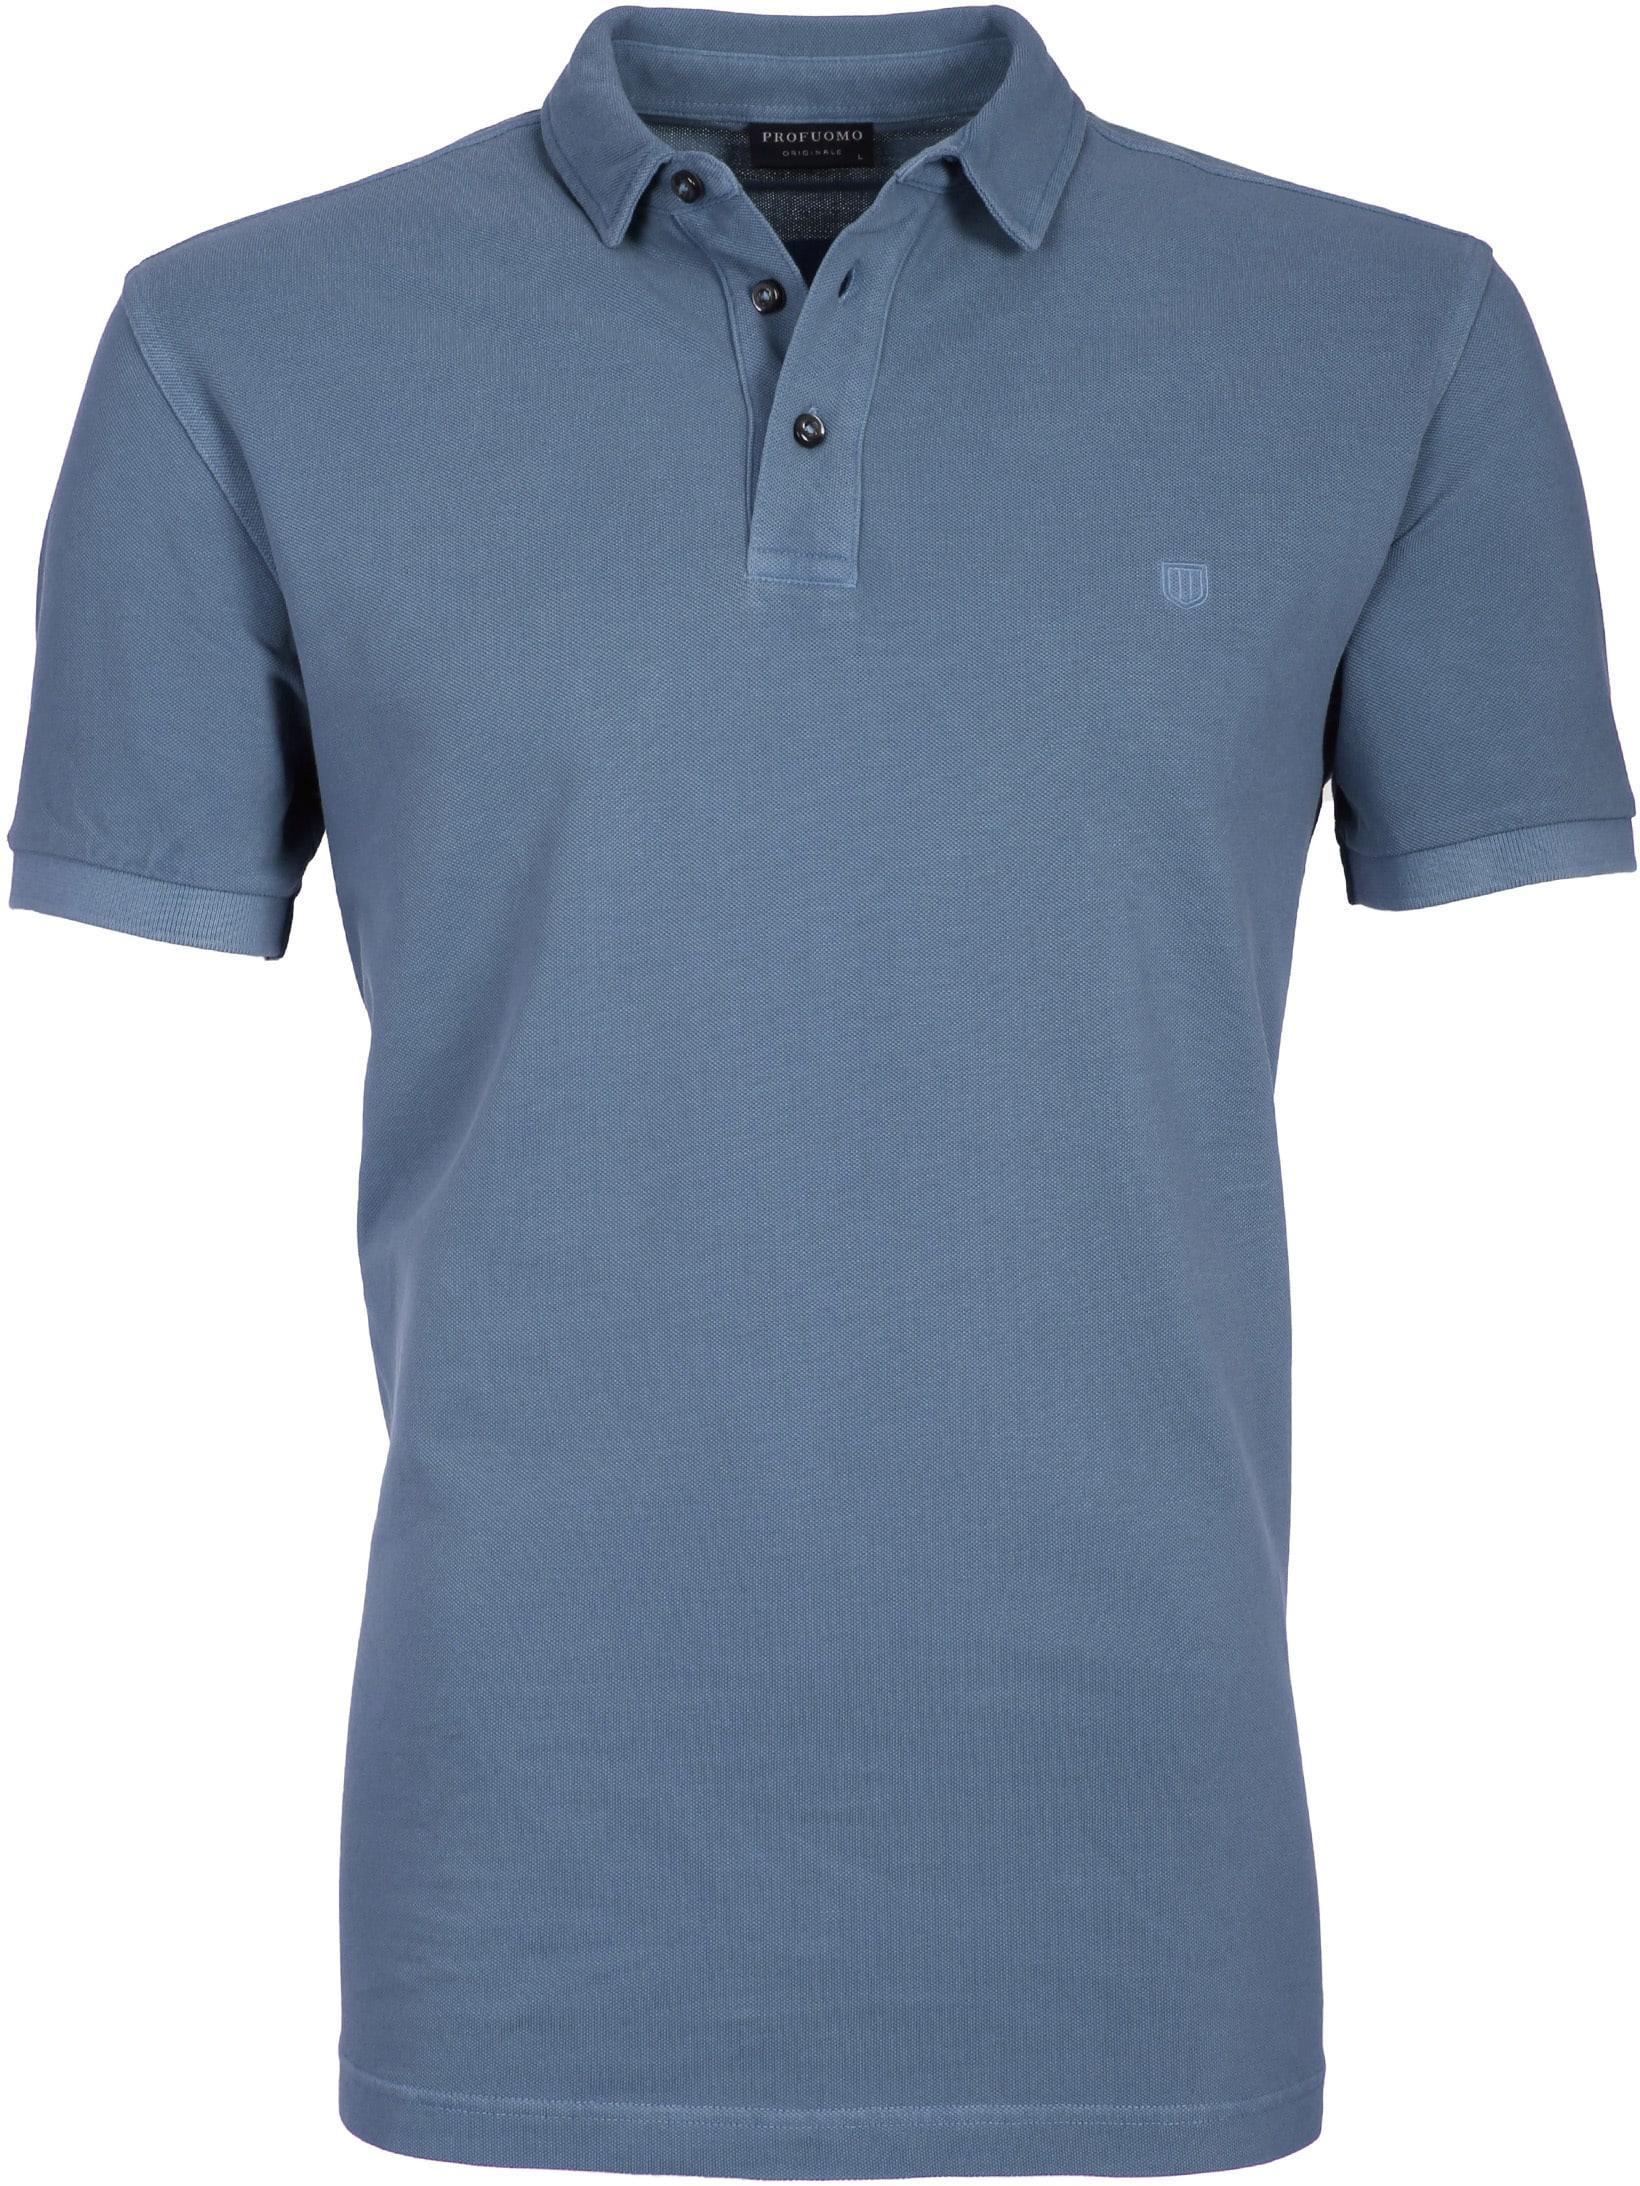 Profuomo Poloshirt Garment Indigo foto 0